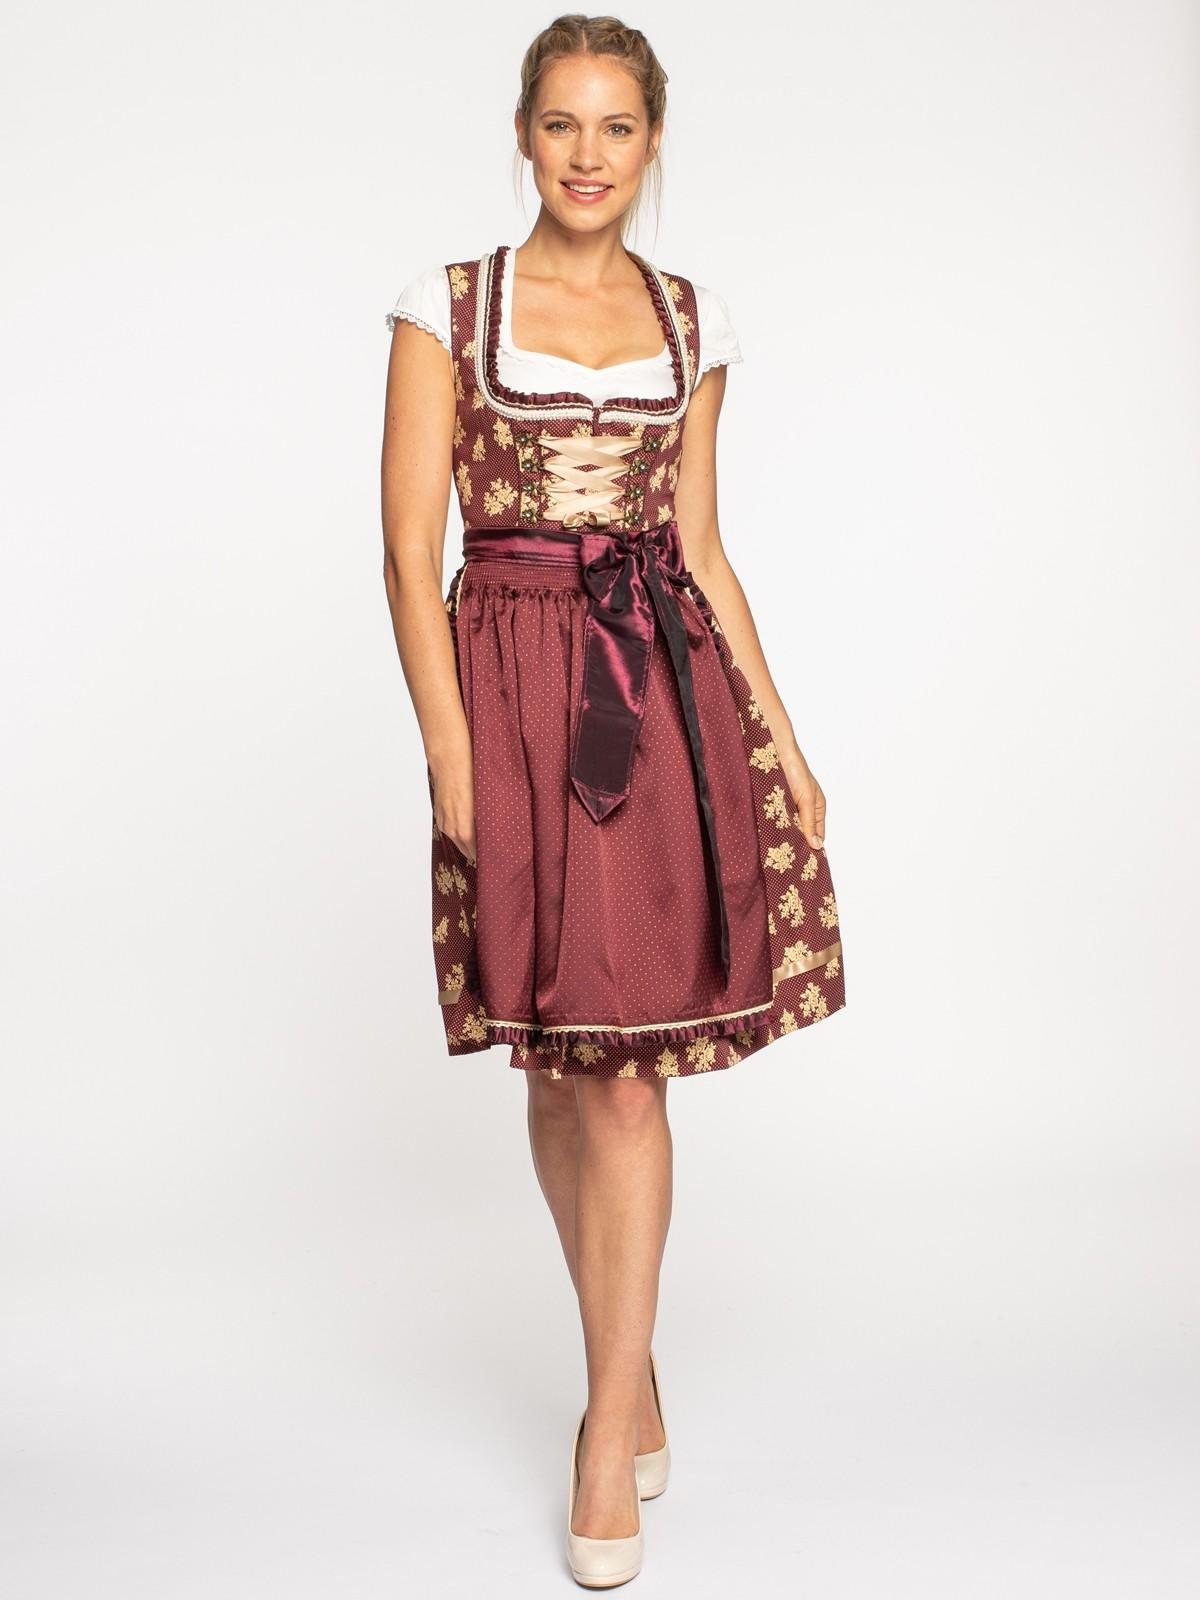 Opvallen op een feest met een Tiroler jurk